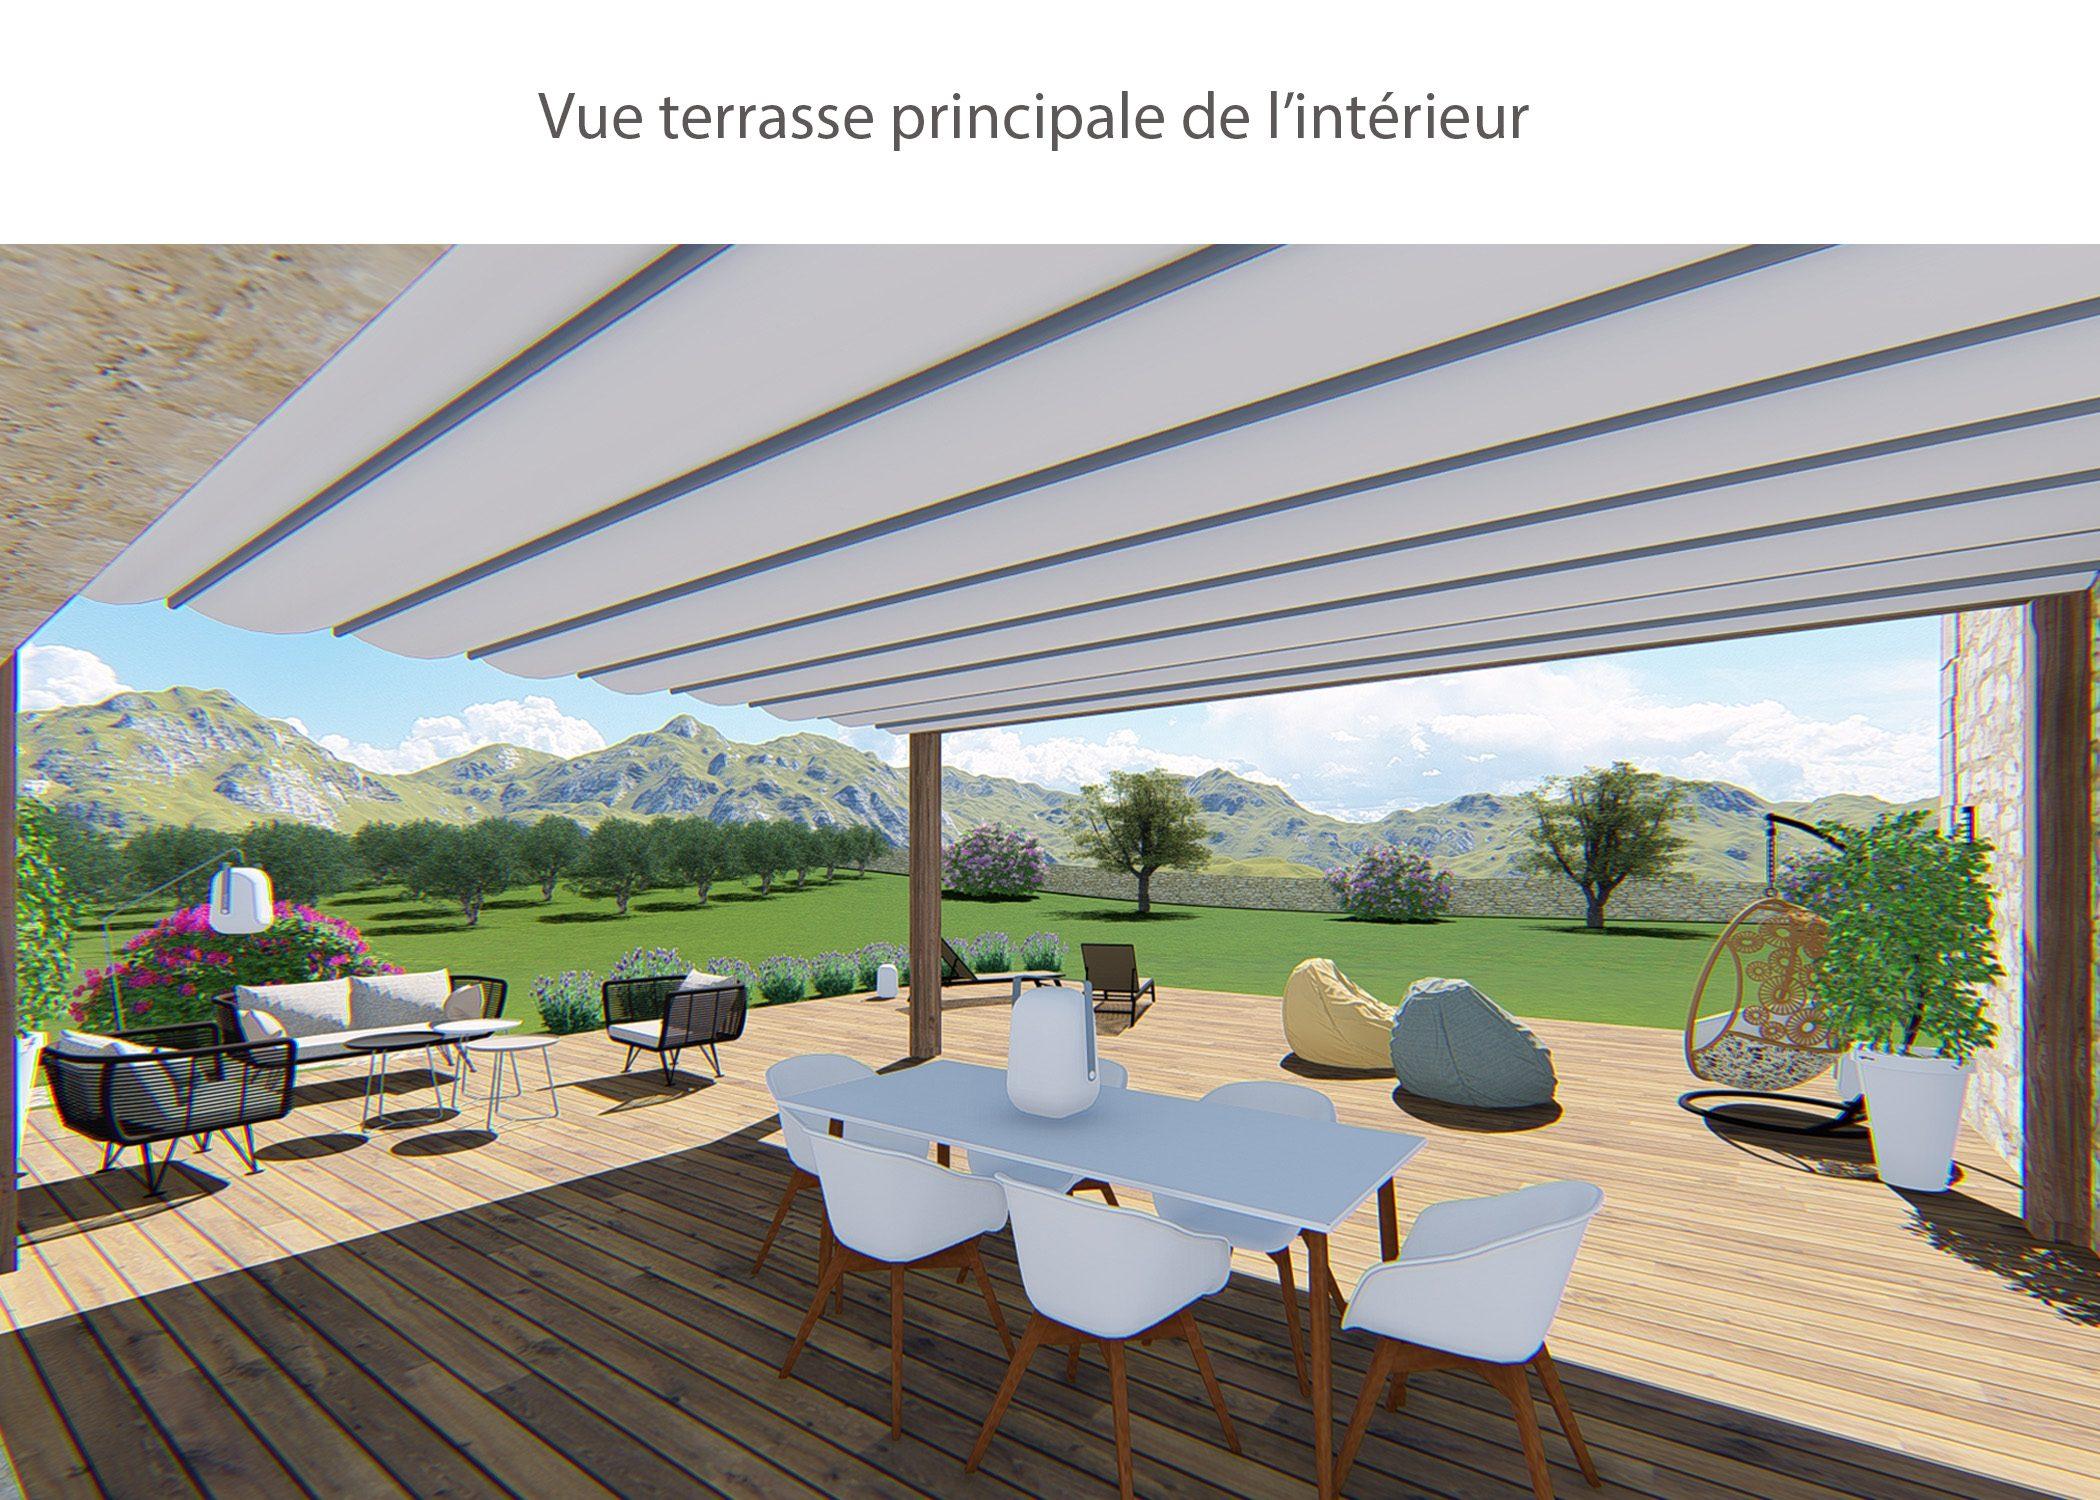 amenagement-decoration-maison de famille-campagne-provence-exterieur terrasse principale-dekho design